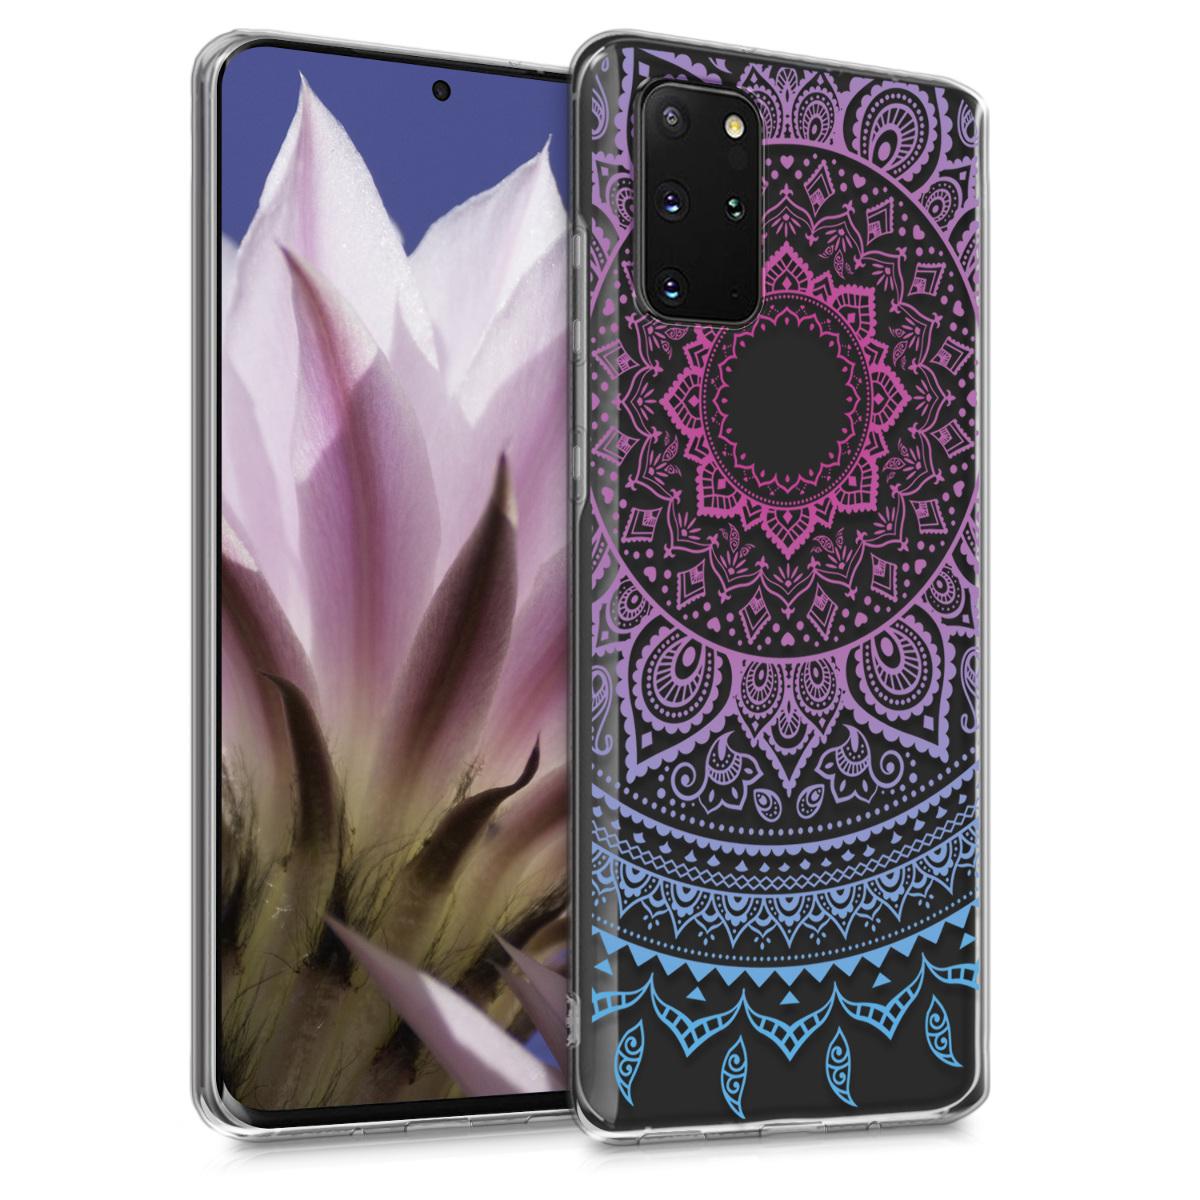 Silikonové pouzdro / obal s motivem indické slunce pro Samsung S20 Plus